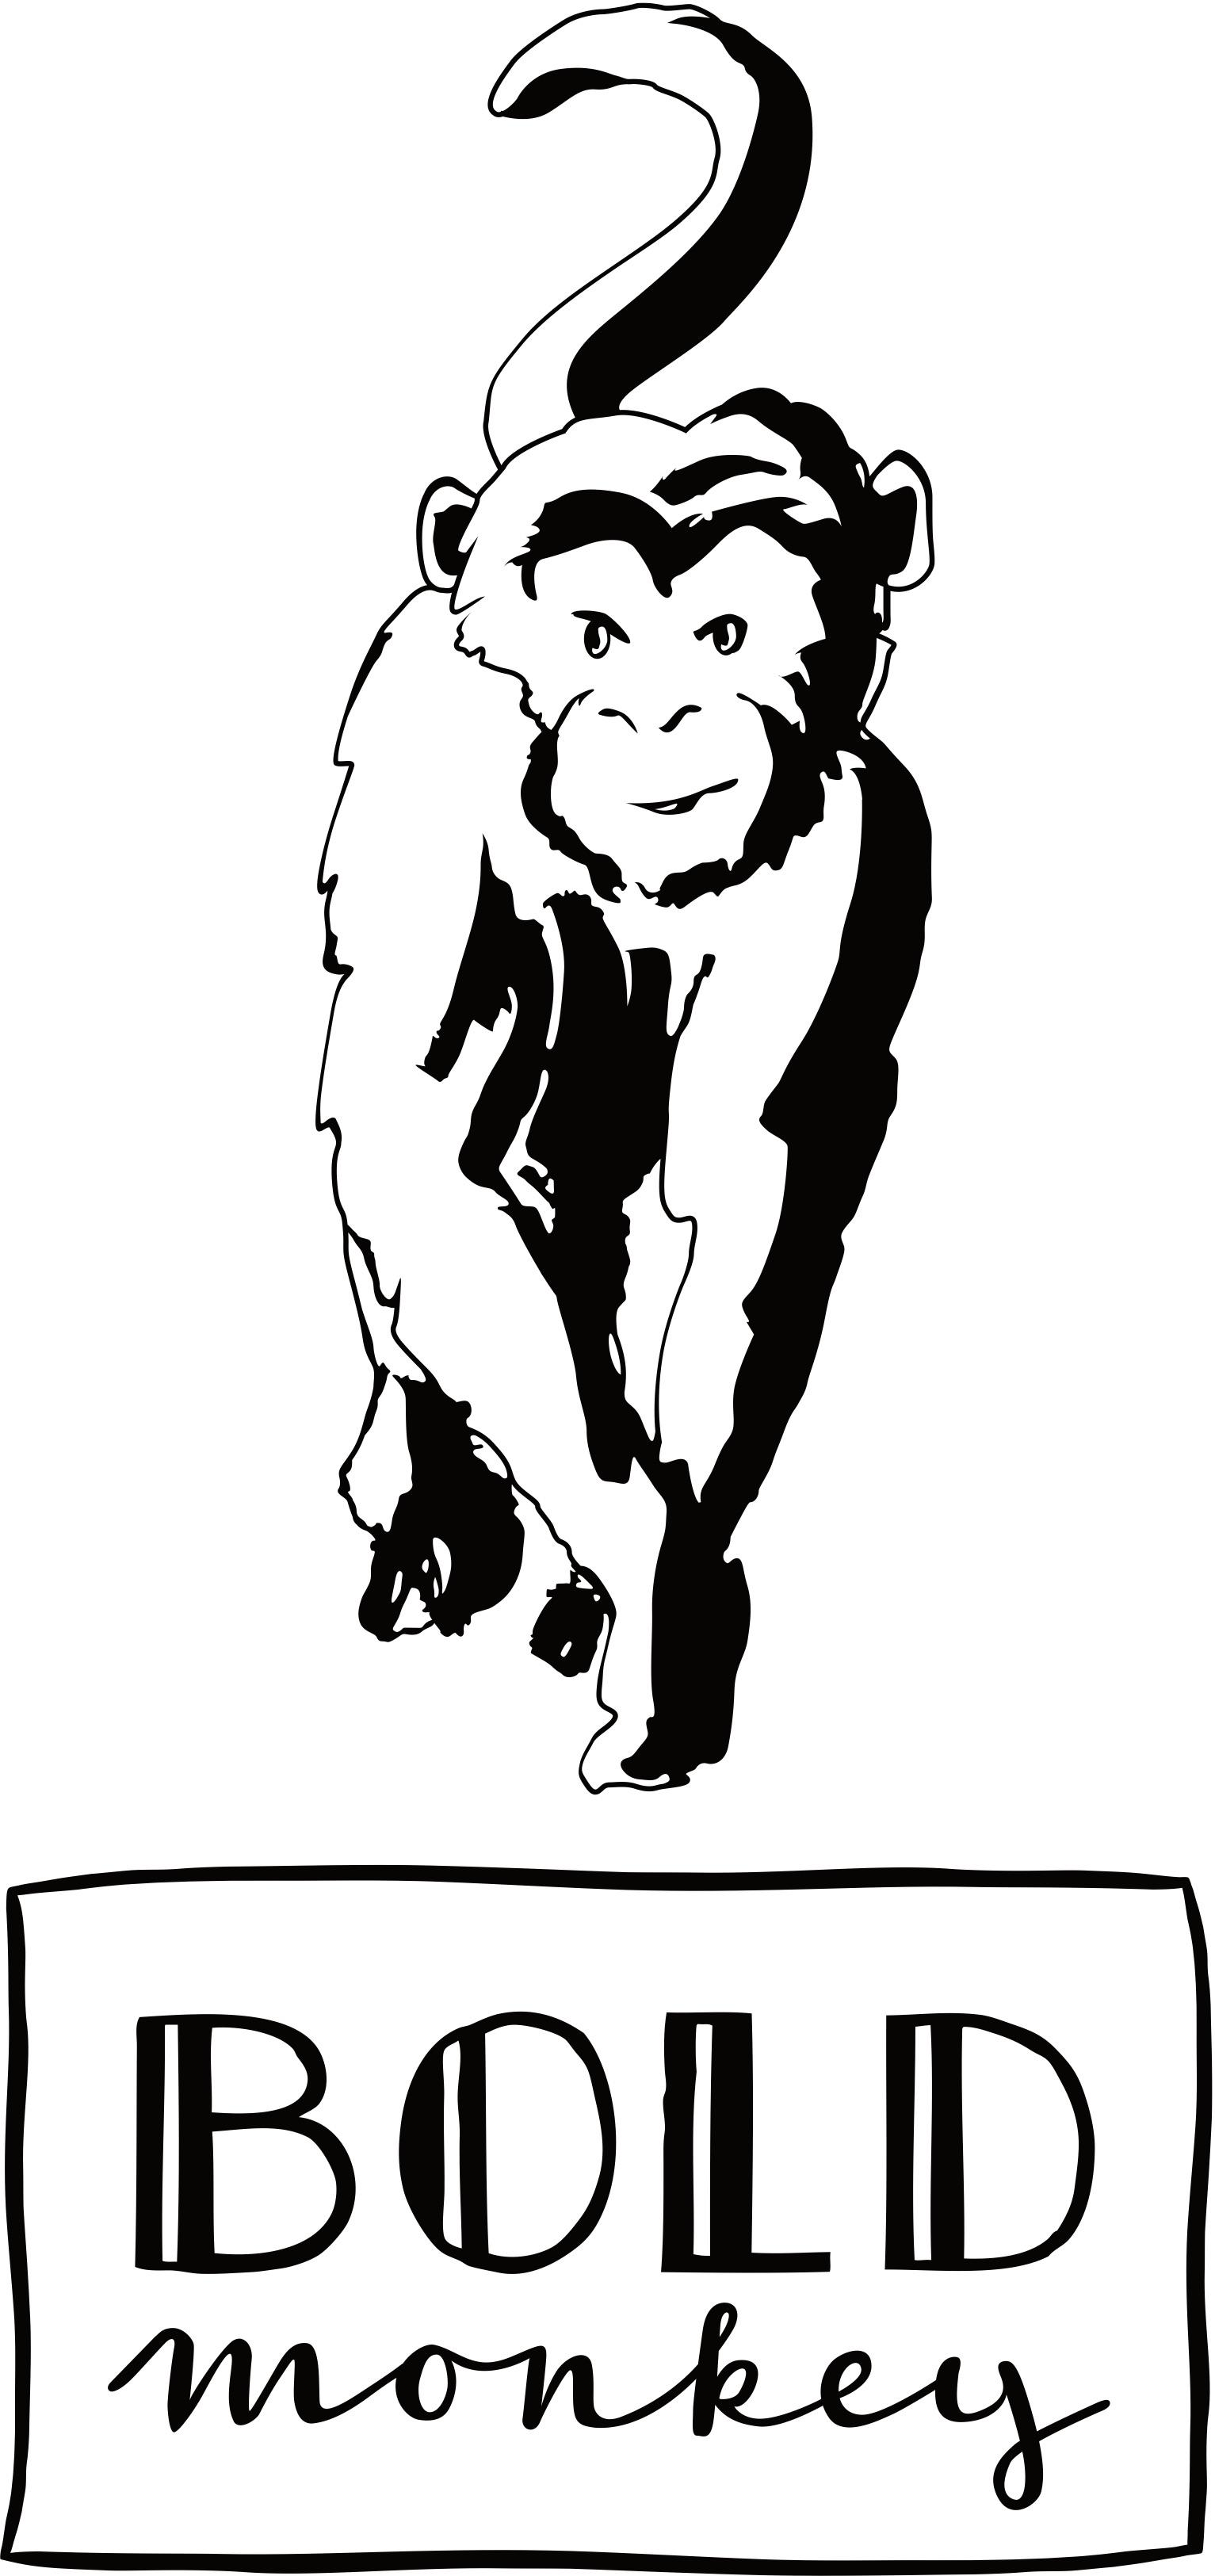 Bold Monkey i am not a macaron poef velvet oker geel gouden poten vooraanzicht